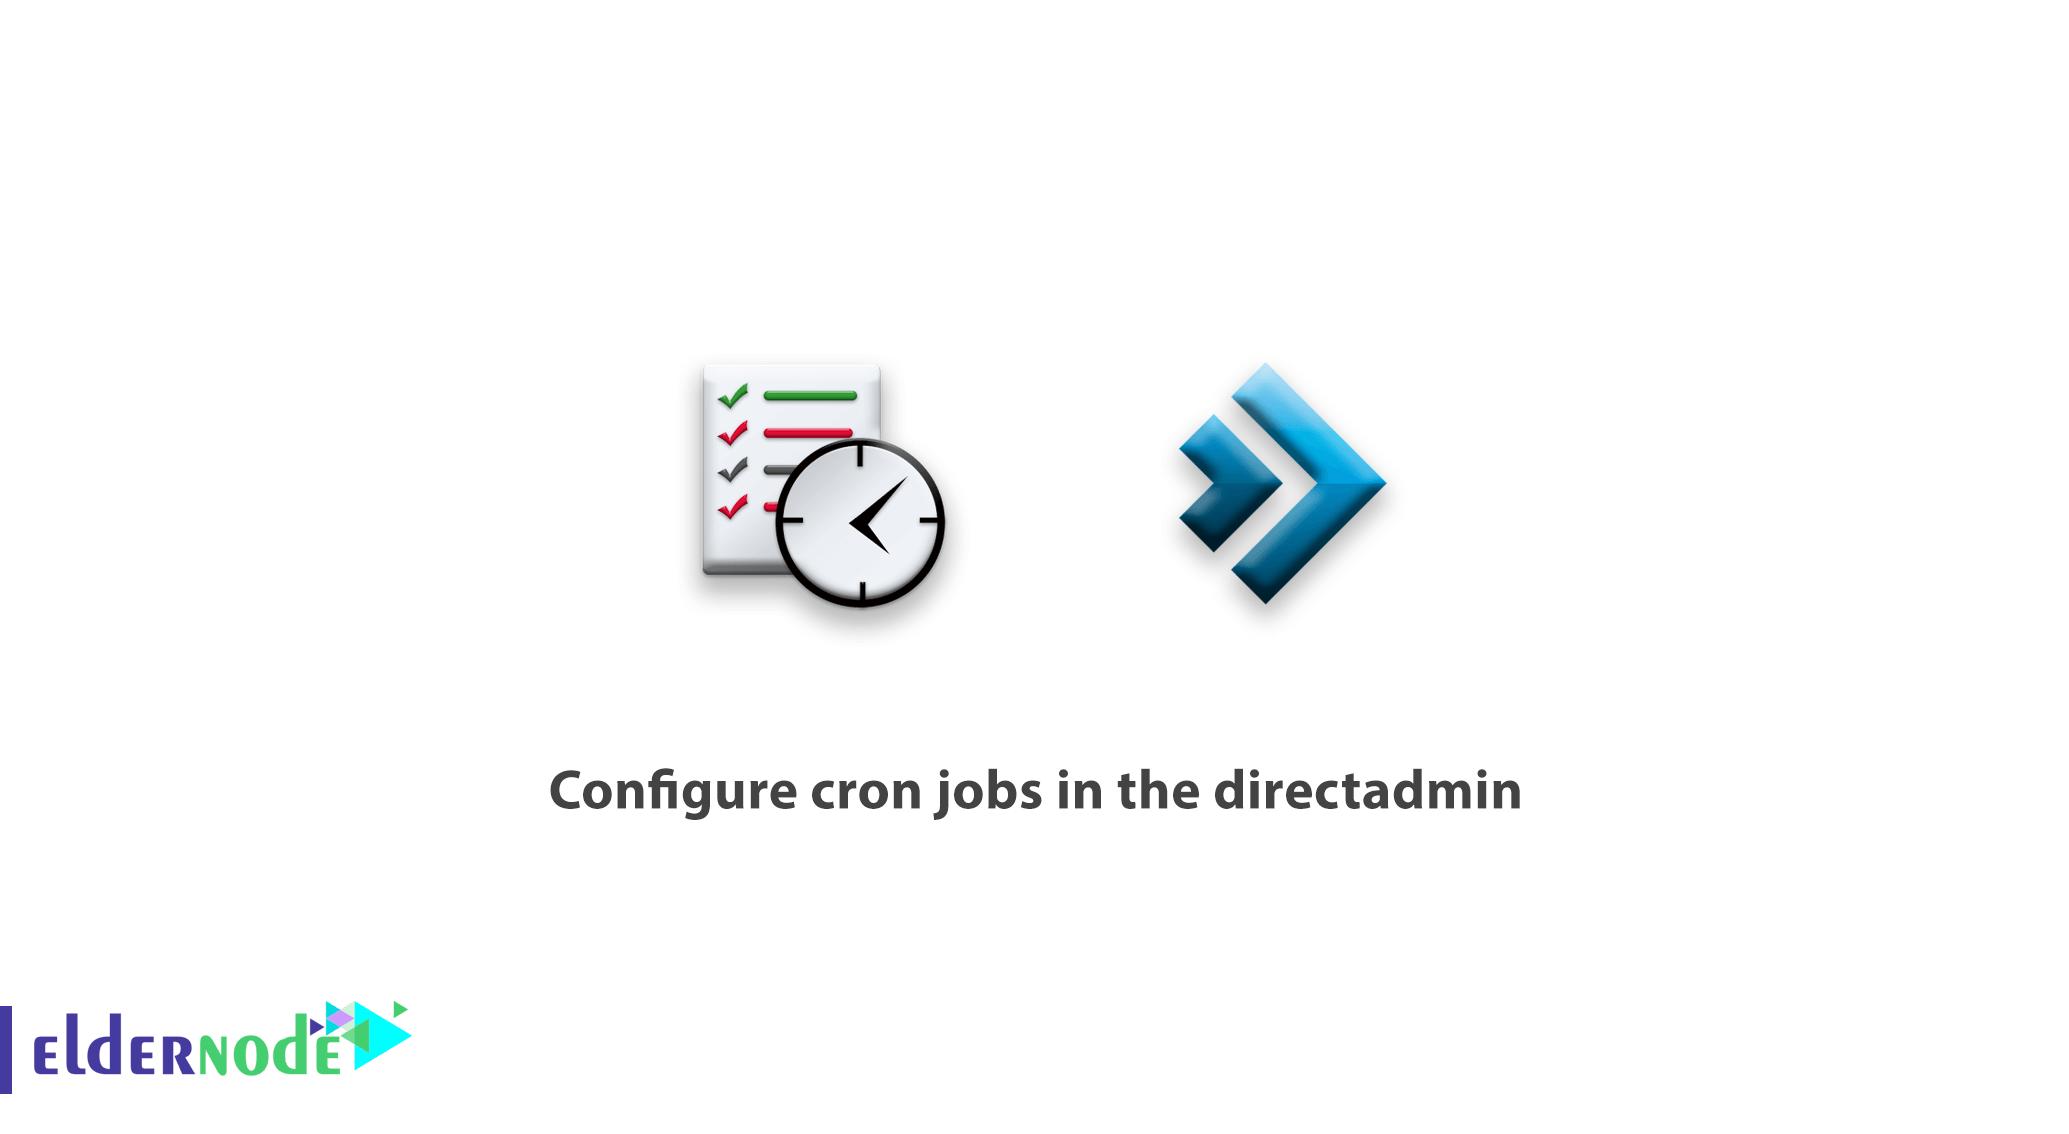 configure cron jobs in the directadmin